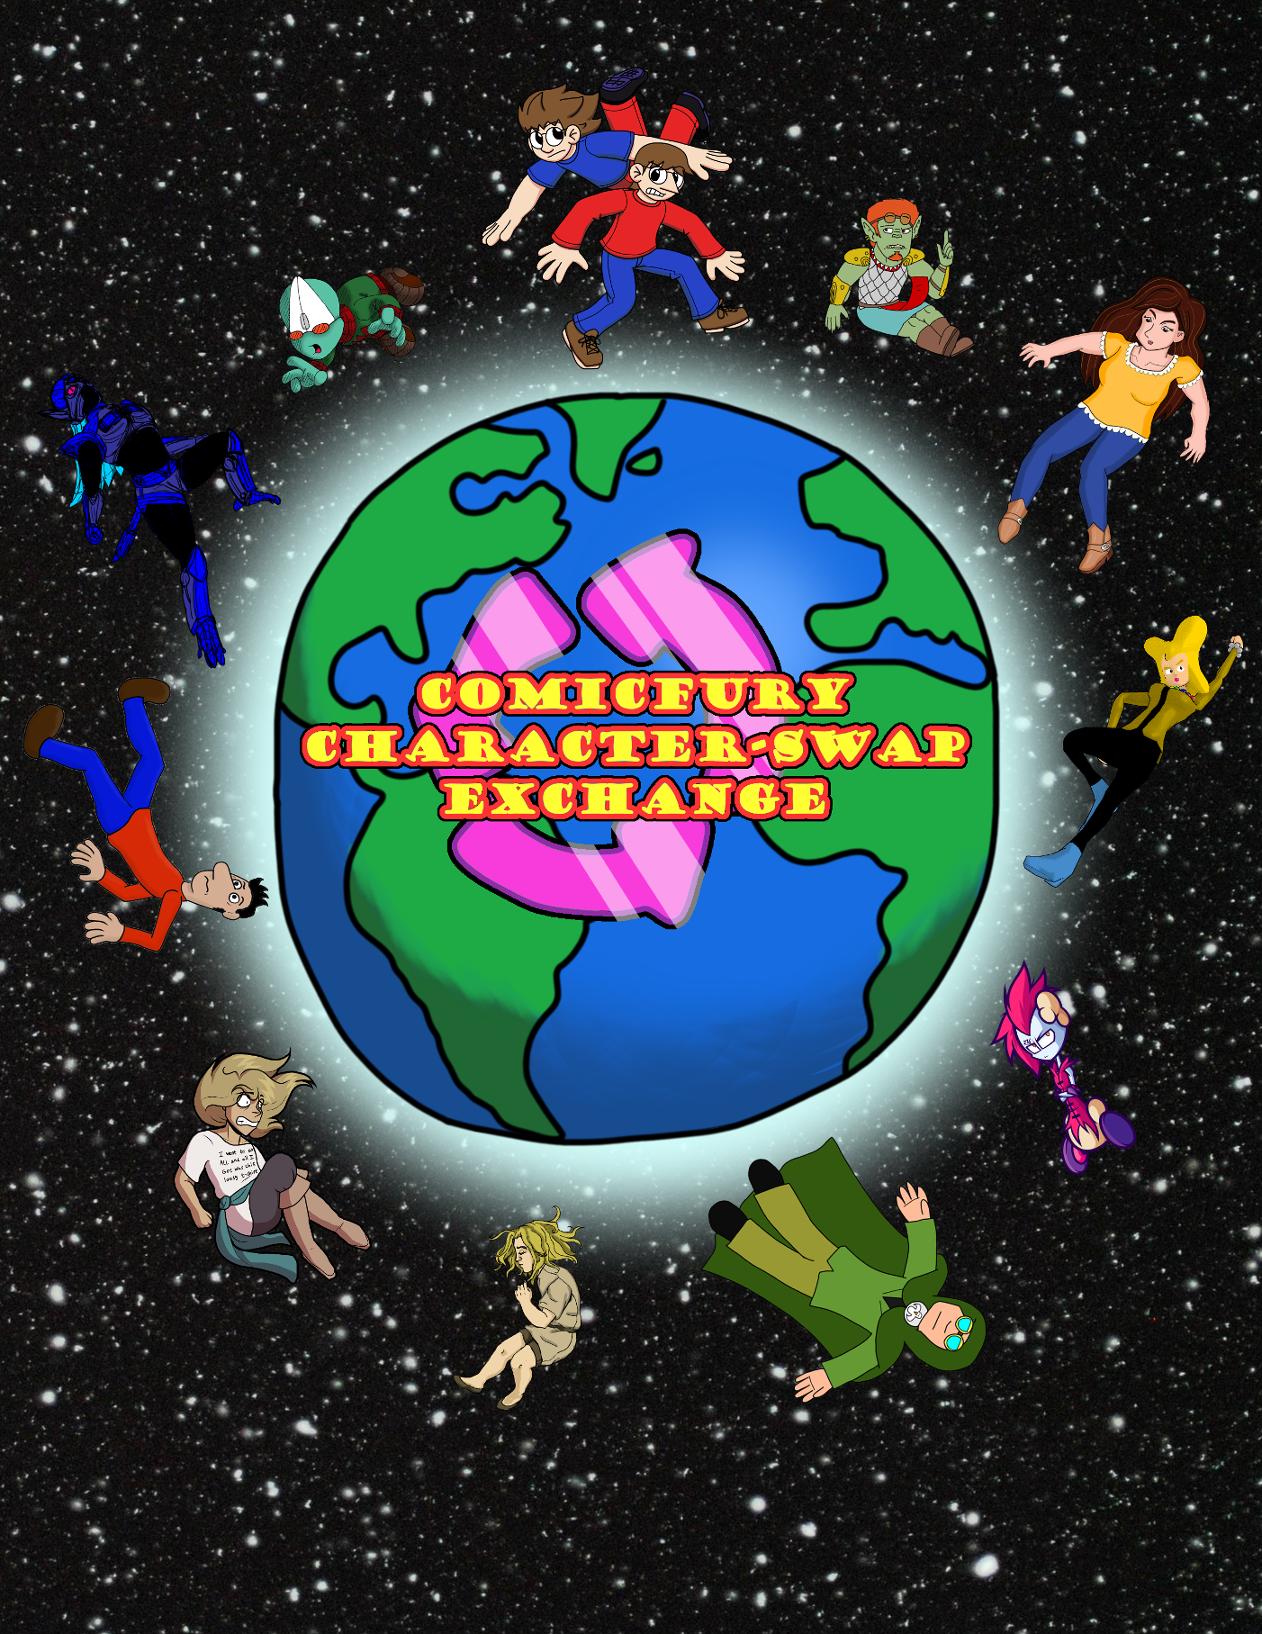 Comicfury Character-Swap Exchange cover